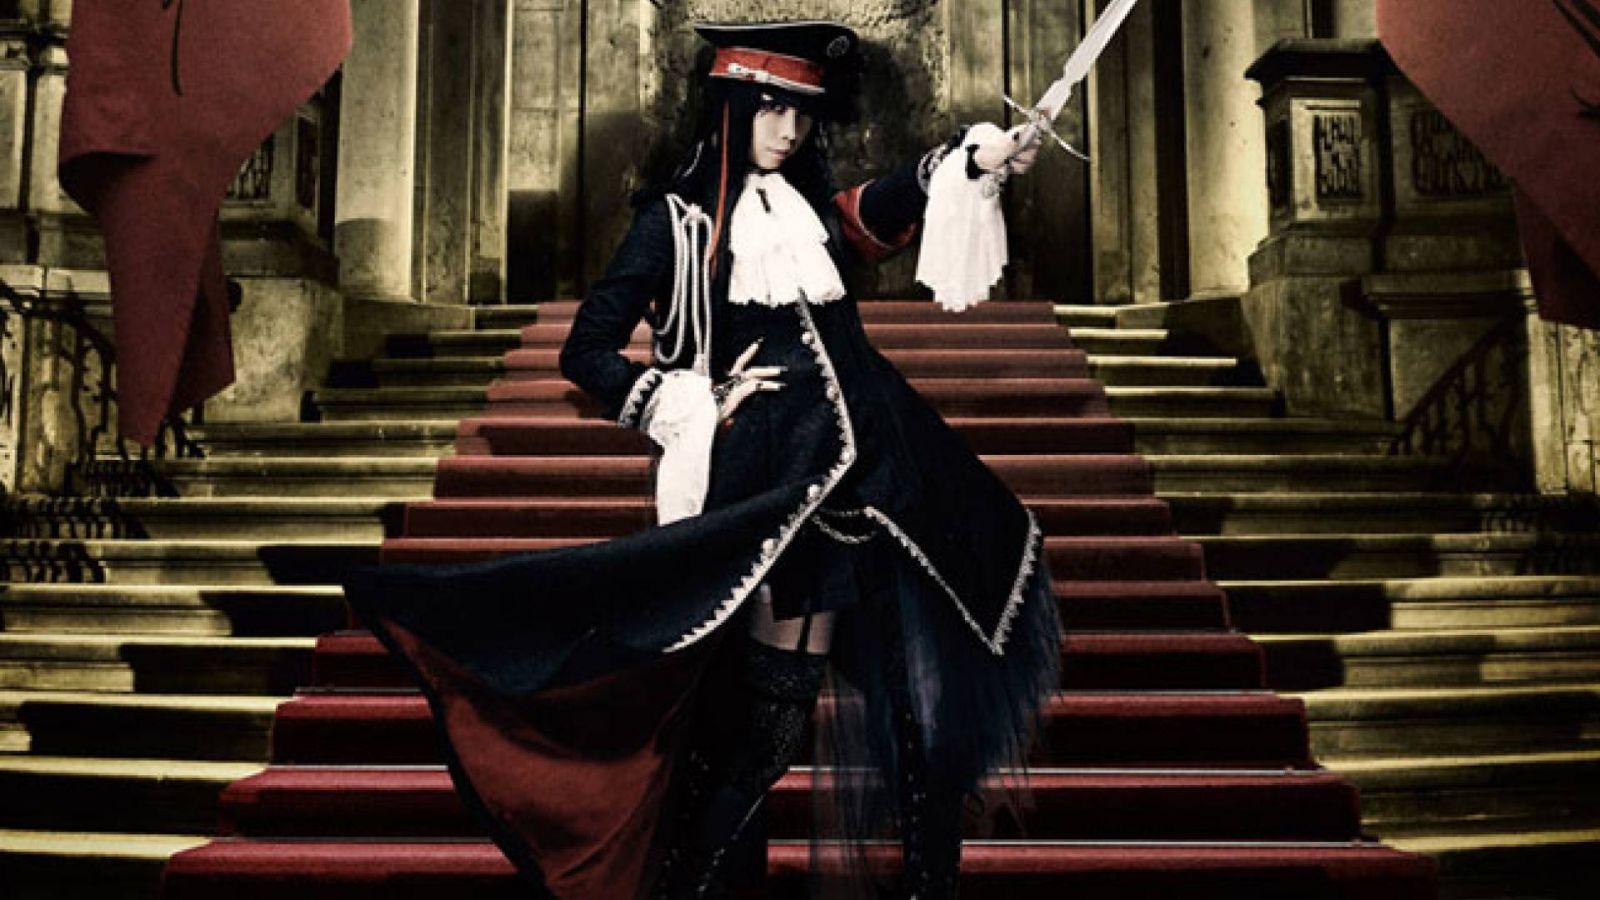 Haastattelu Yousei Teikokun keisarinna Yuin kanssa © 2015 Yousei Teikoku. Provided by RESONANCE Media.